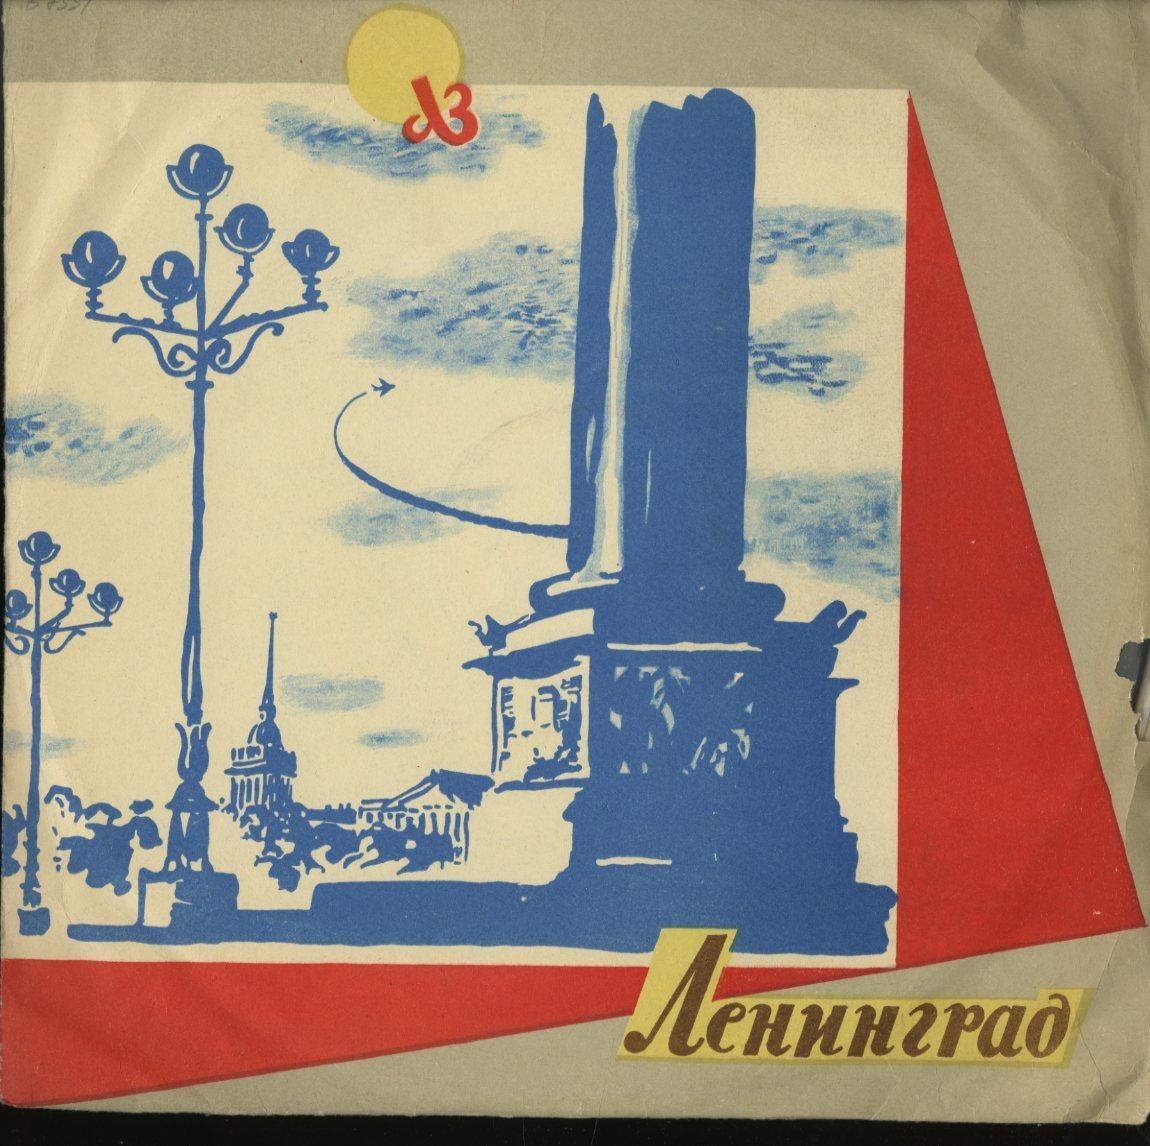 露Melodiya メロディア レニングラード 最初期 ムラヴィンスキー レニングラード フィルハーモニー管弦楽団 チャイコフスキー 交響曲第5番_画像3